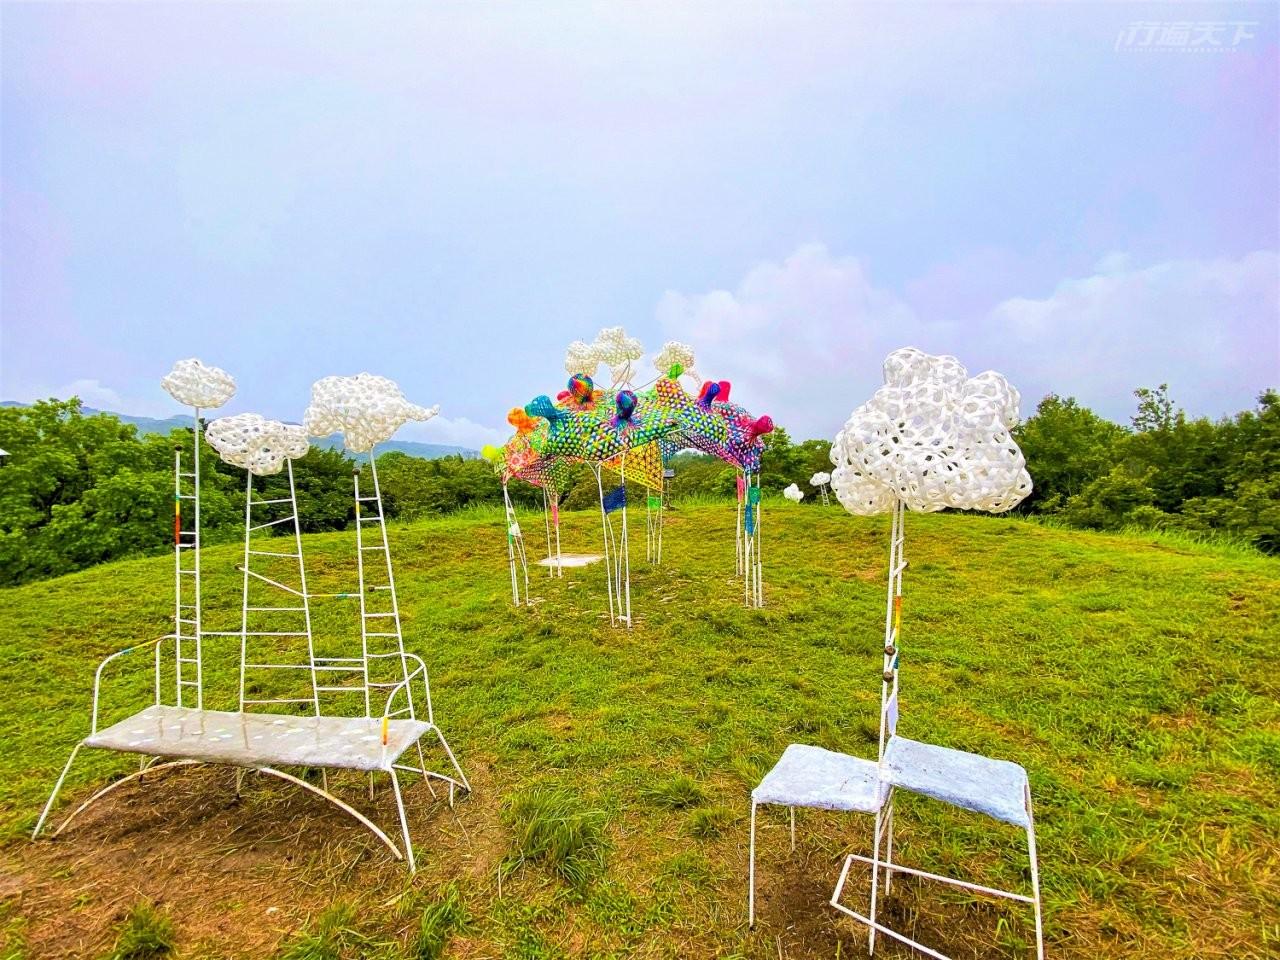 ▲藝術家林淑鈴的作品《雲朵製造所》位在關山親水公園的人造山頂。